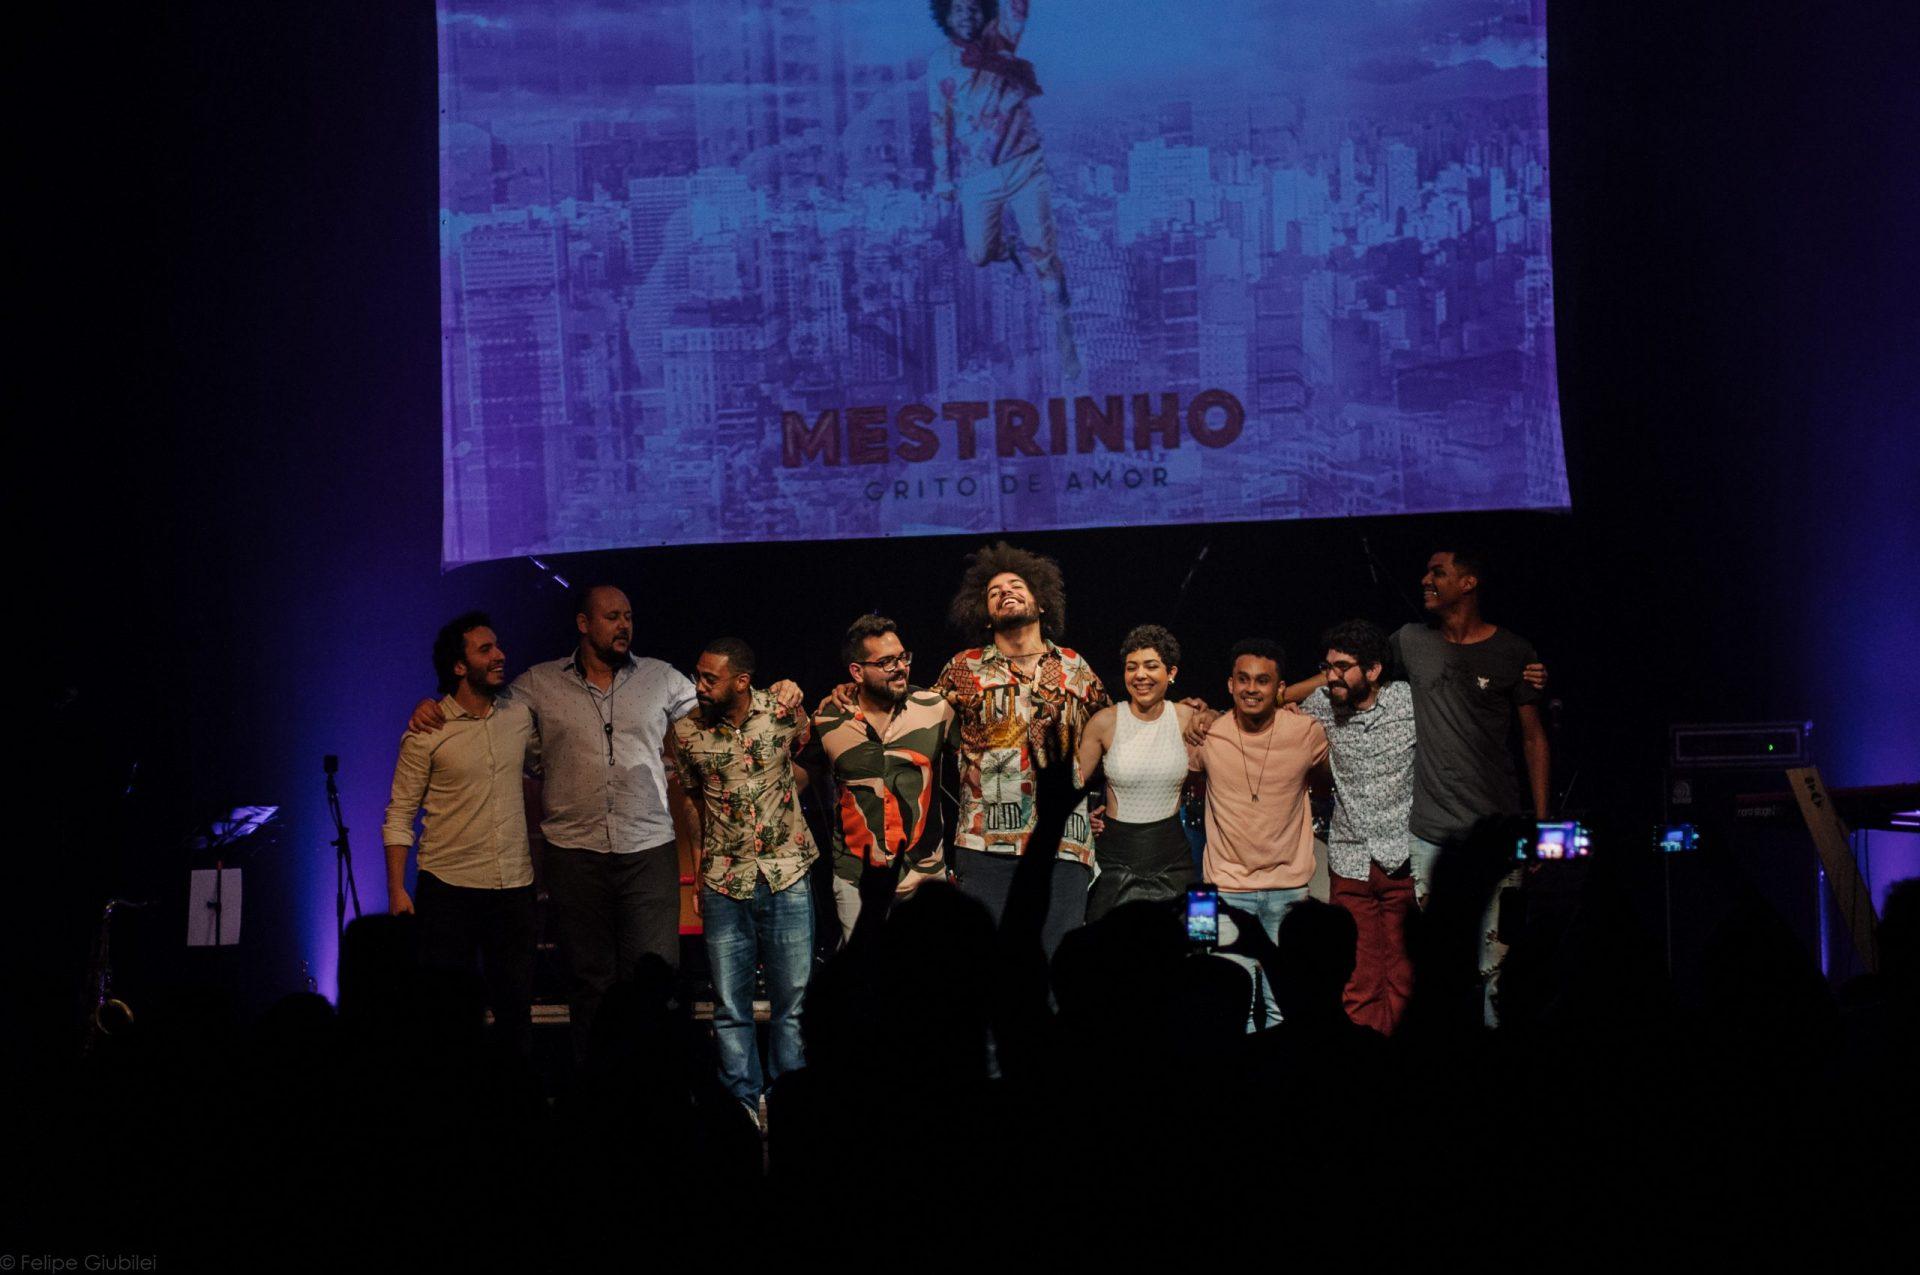 Imagem 10 do Evento Mestrinho